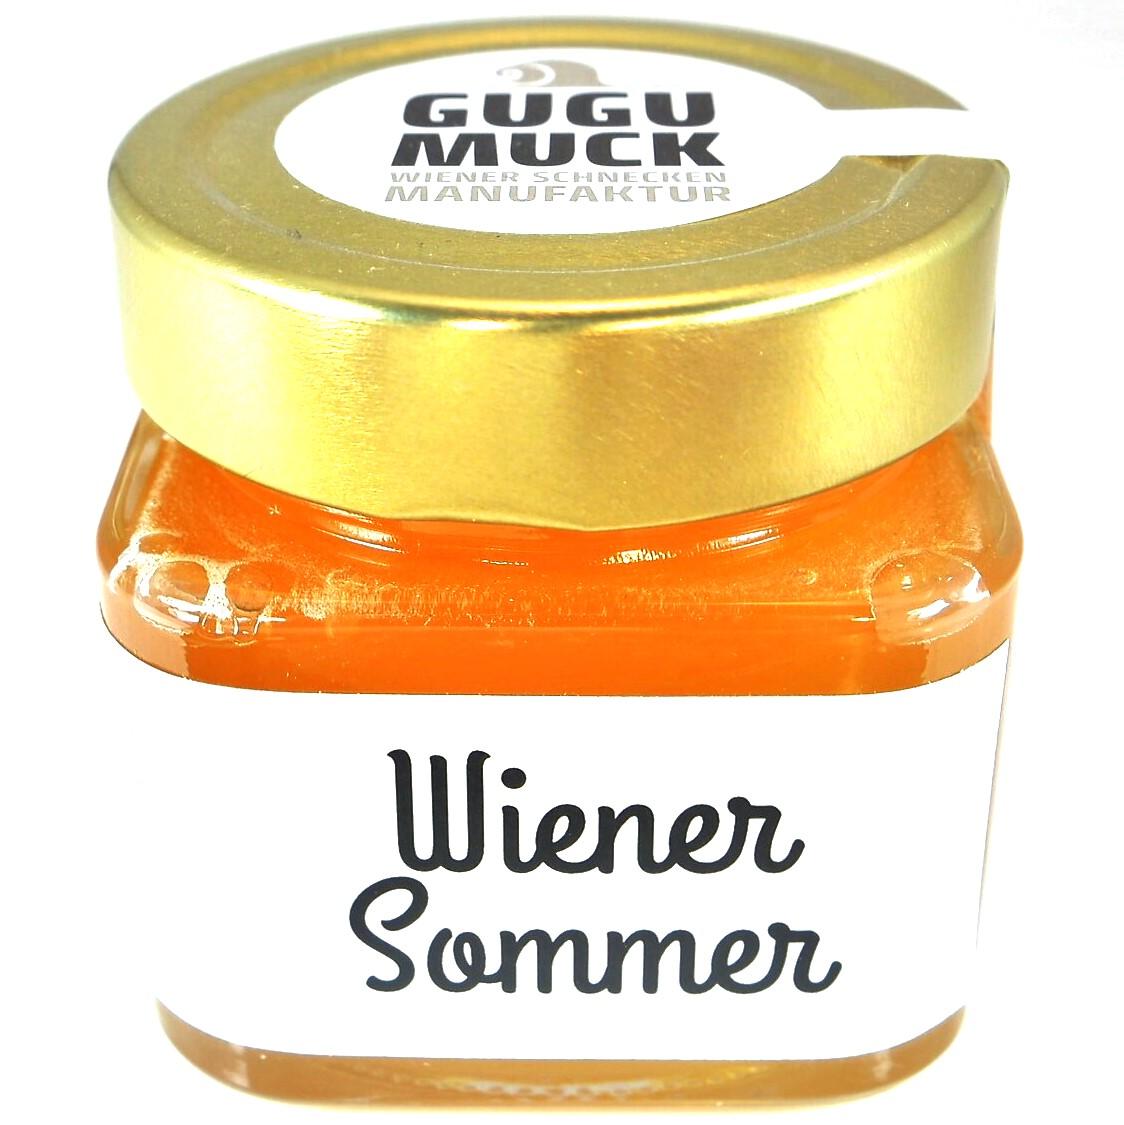 Wiener Sommer Honig von Gugumuck Wiener Schnecken-Manufaktur